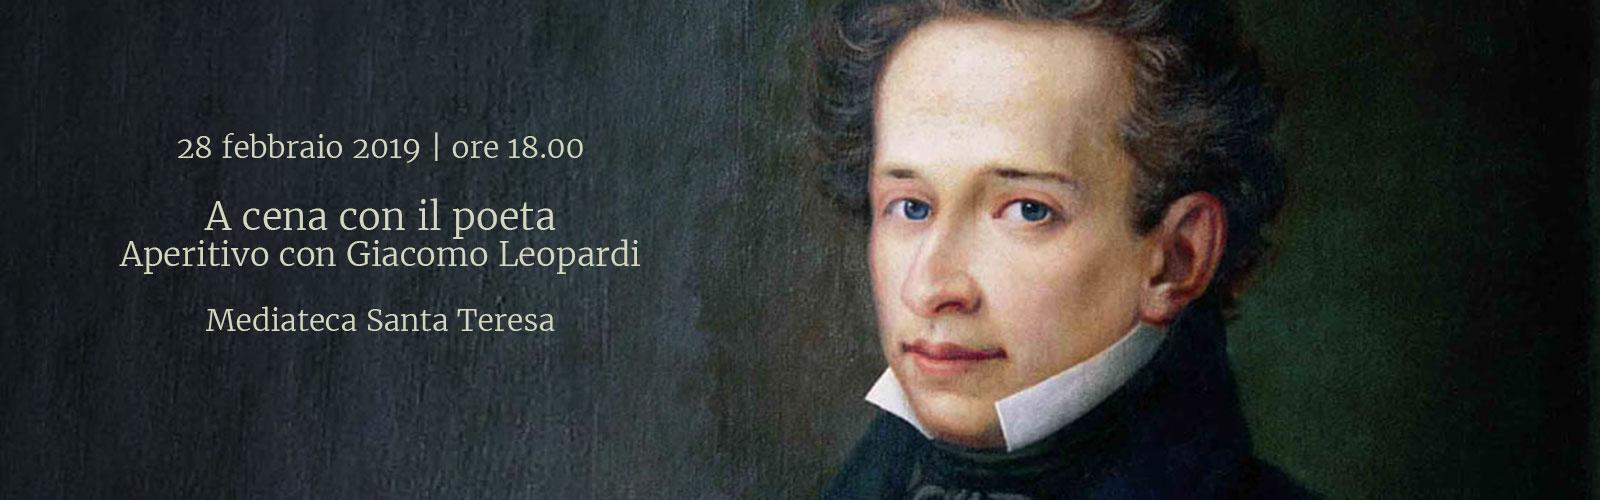 A cena con il poeta<br>Aperitivo con Giacomo Leopardi